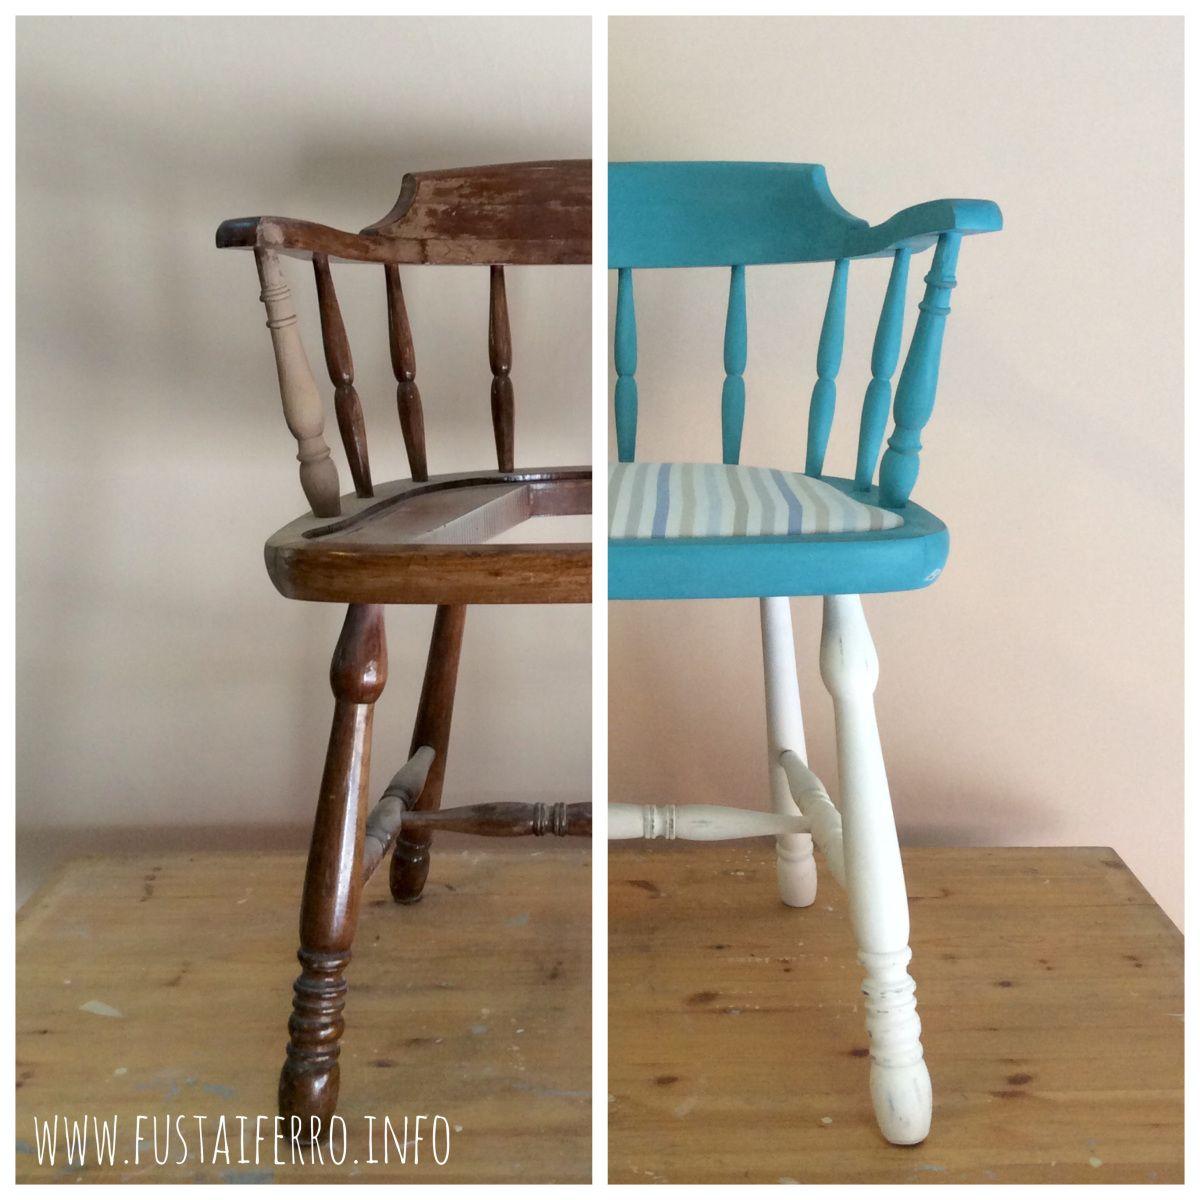 Paso a paso restauraci n de silla pintada con chalk paint for Sillas para viejitos